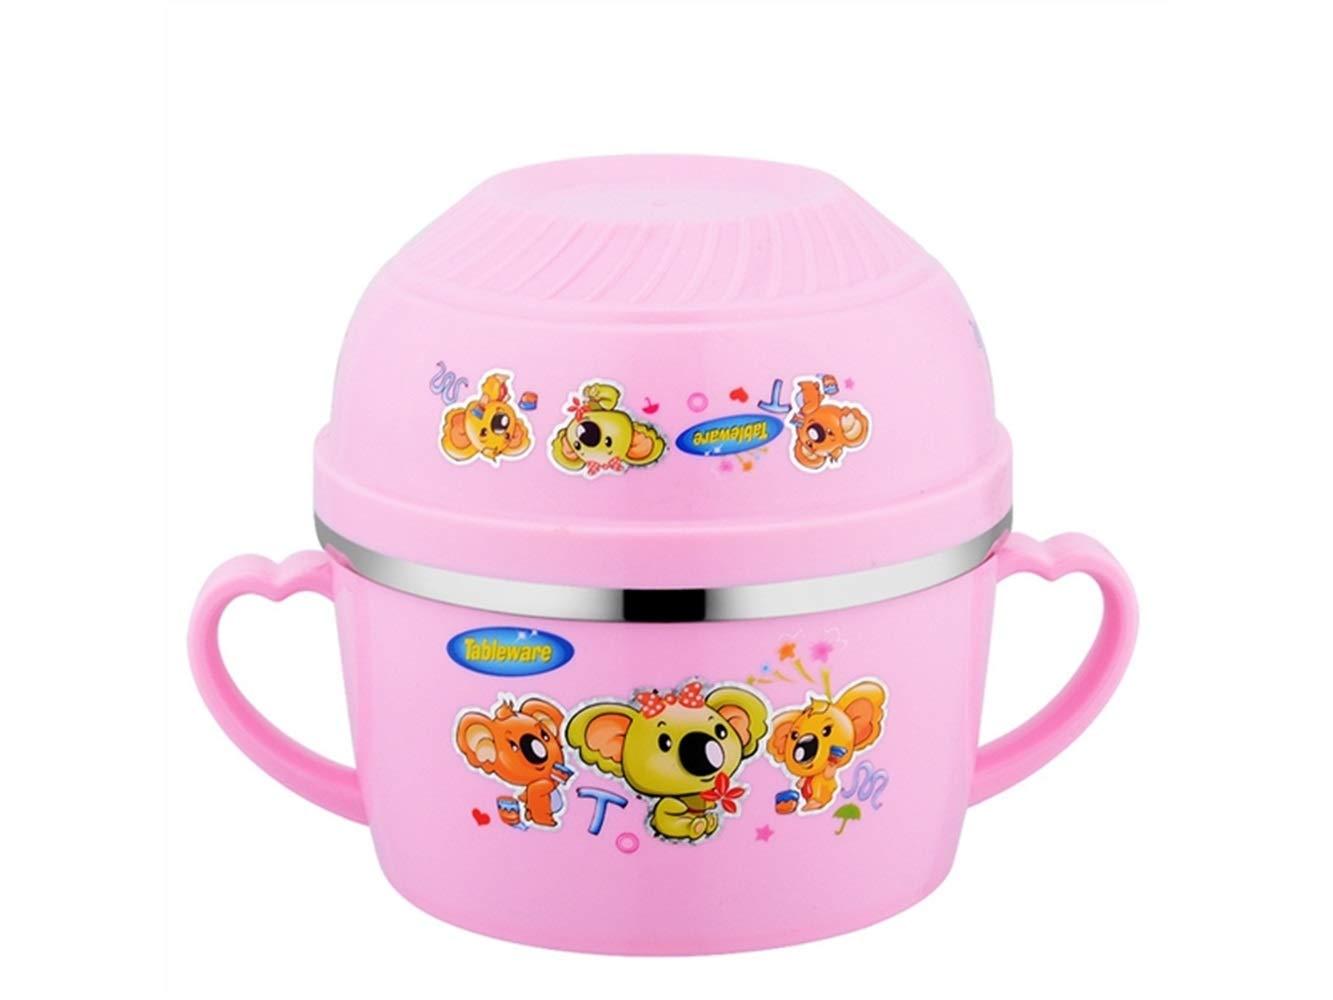 FERFERFERWON Baby Tischset Baby Futternapf Doppel Lunchbox Verbrühschutz Edelstahl Kinderschale Isolierung Schüssel für Kinder Studenten (Rosa) Kleinkind Kinder